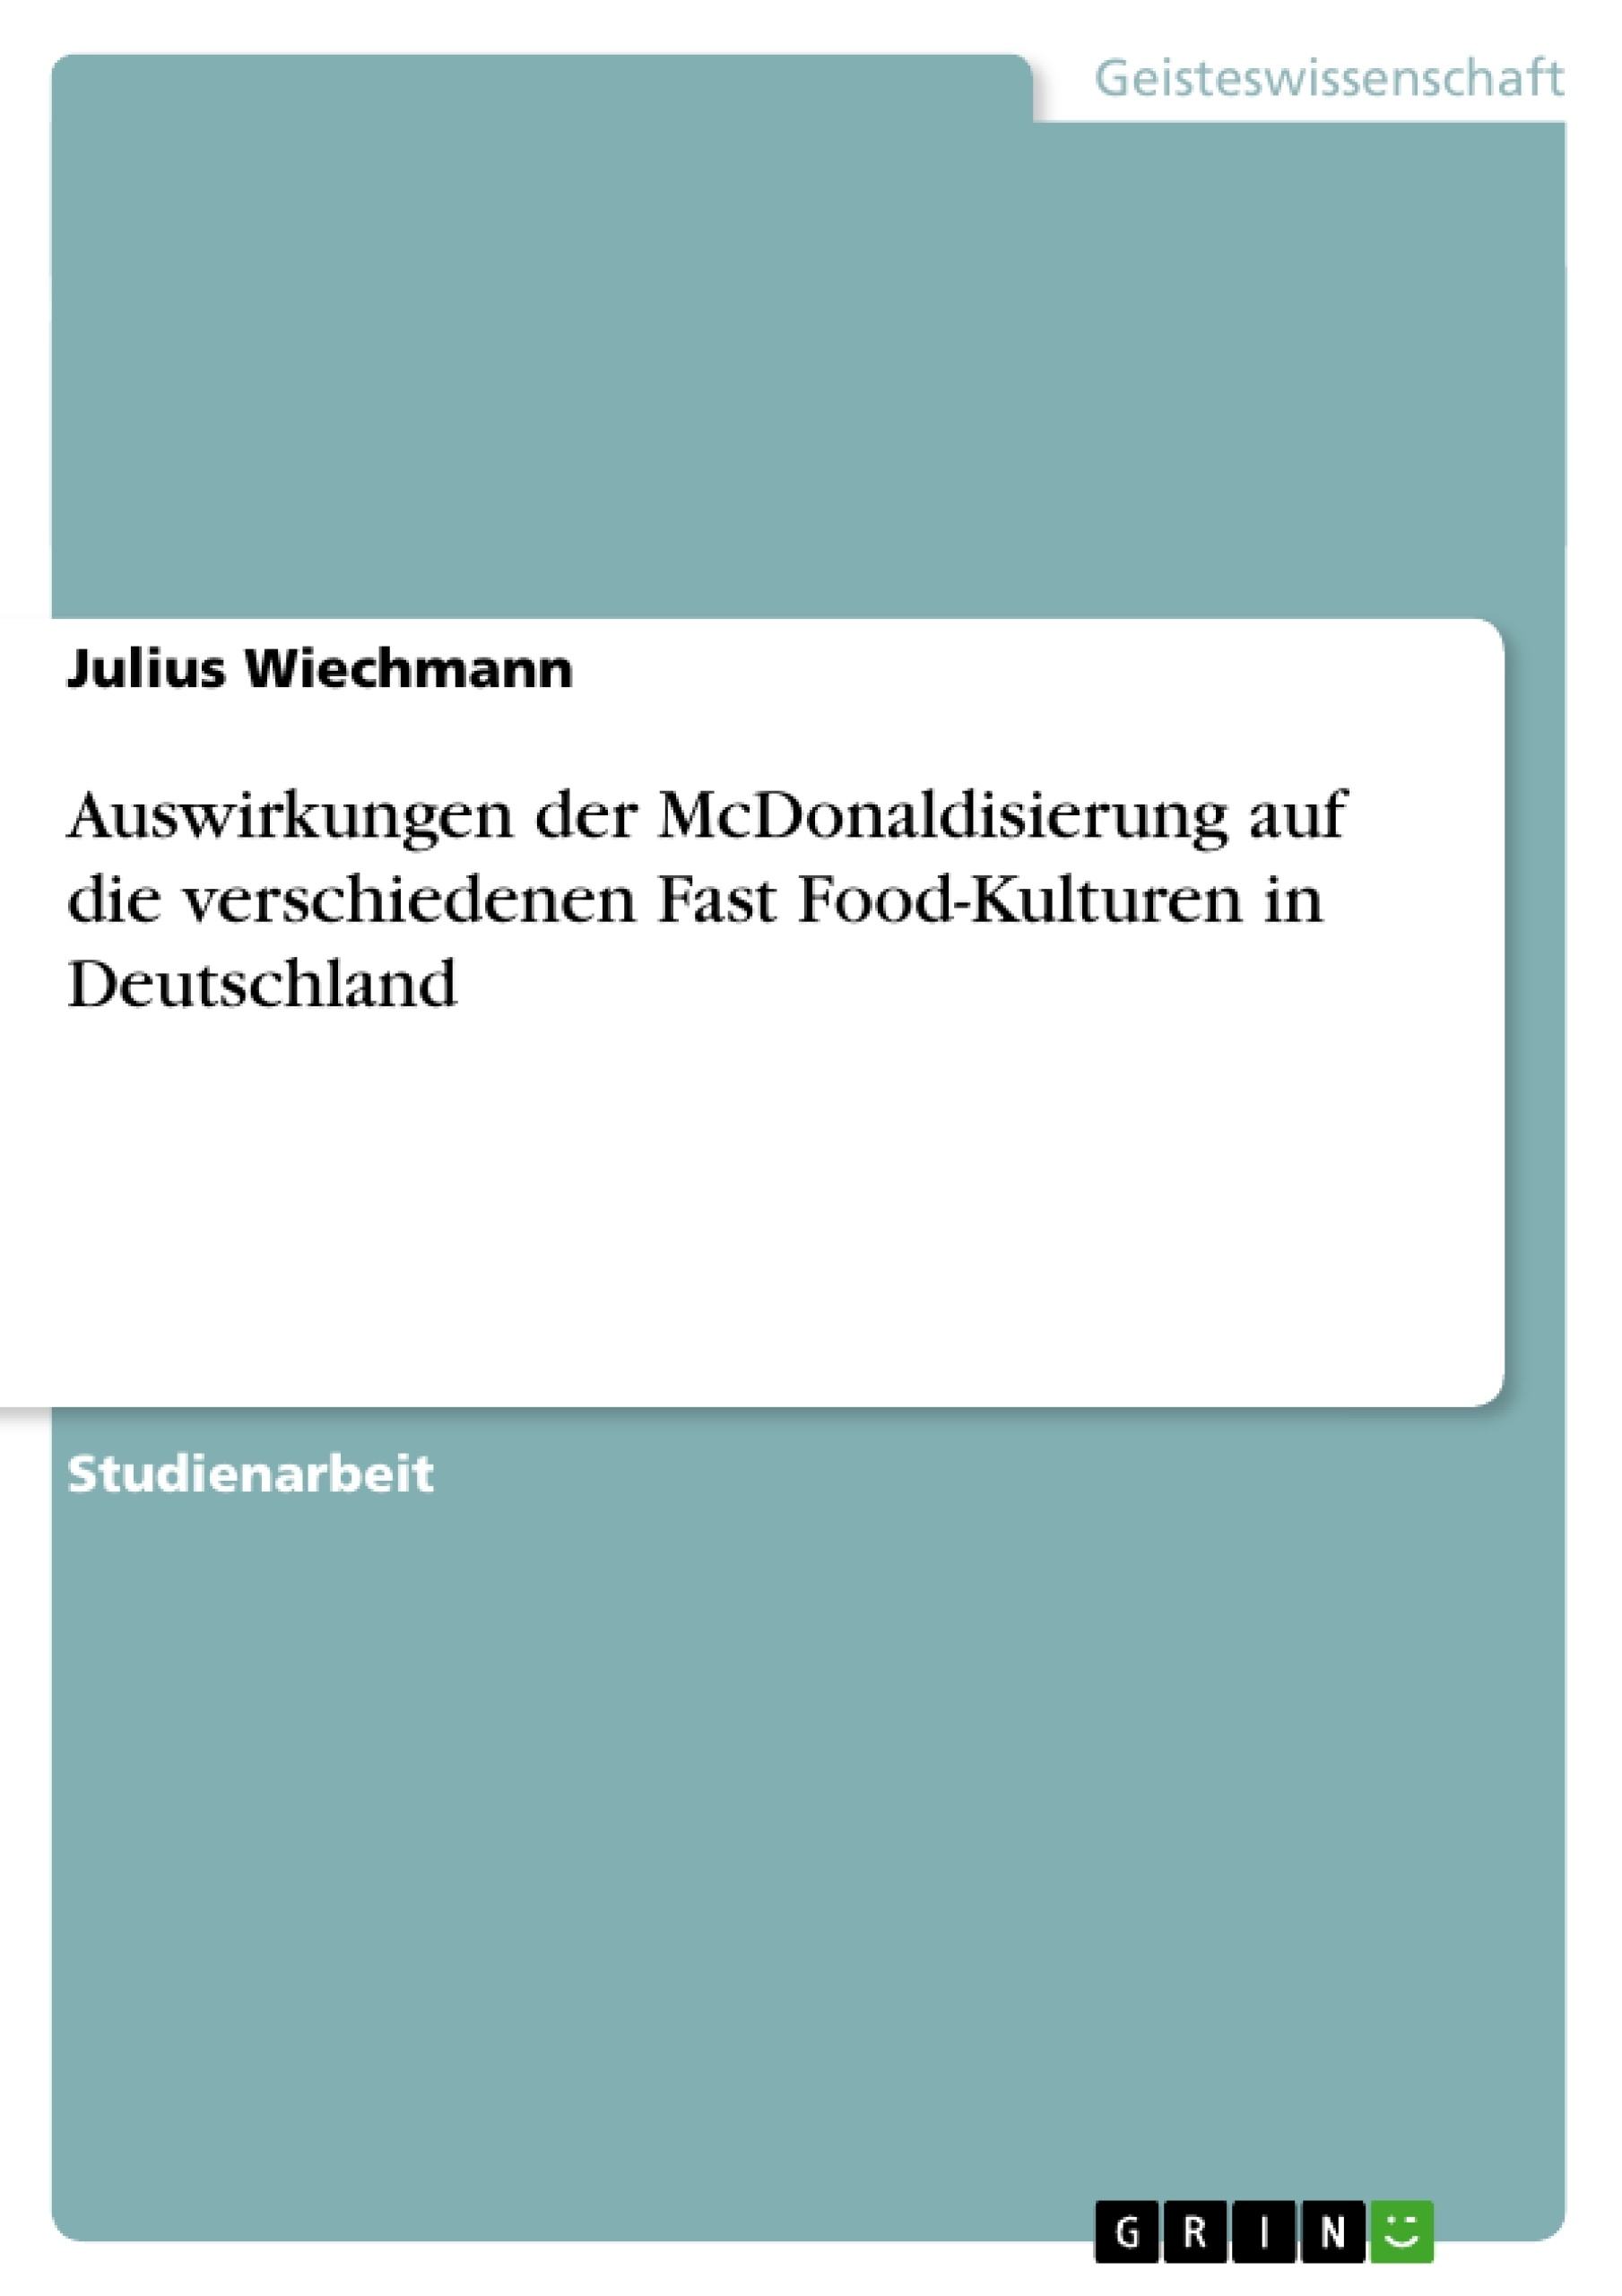 Titel: Auswirkungen der McDonaldisierung auf die verschiedenen Fast Food-Kulturen in Deutschland